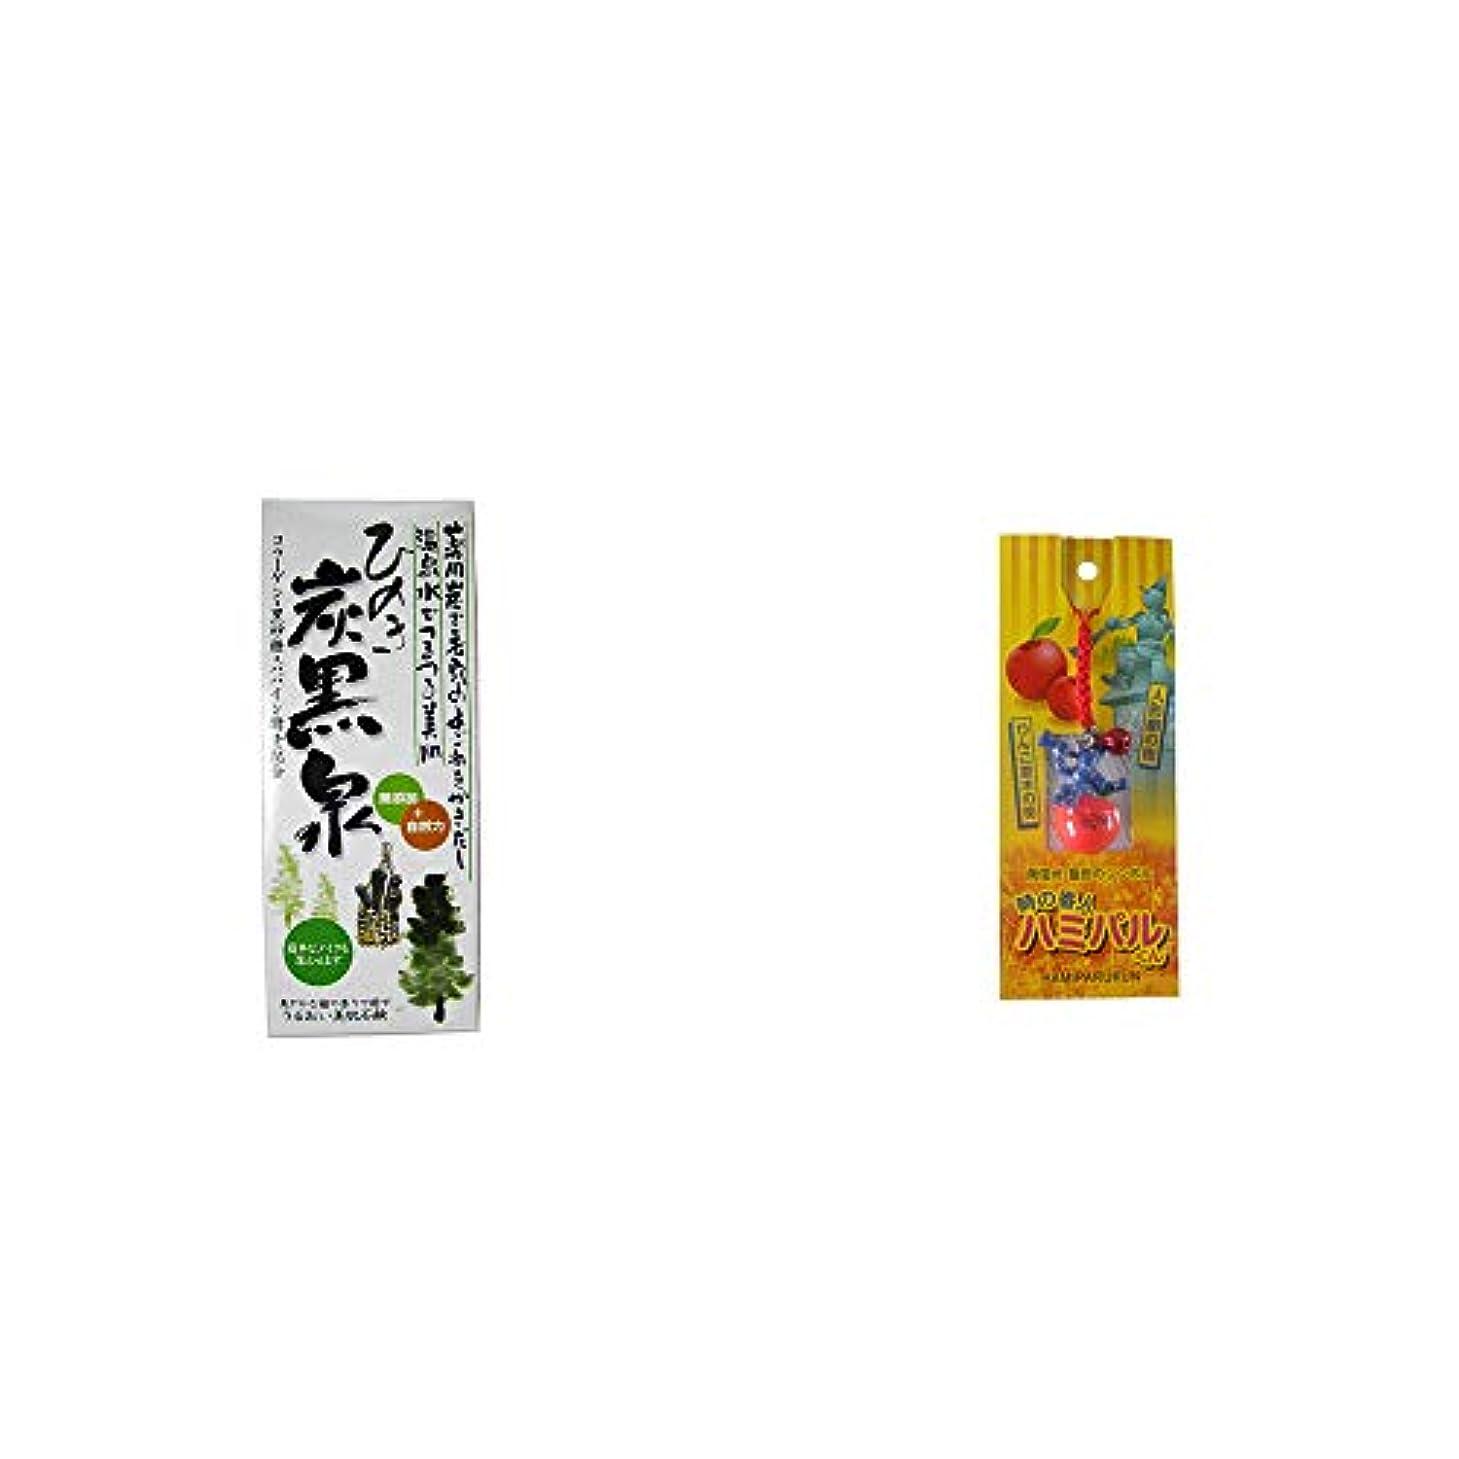 病気文明化するタイピスト[2点セット] ひのき炭黒泉 箱入り(75g×3)?信州?飯田のシンボル 時の番人ハミパルくんストラップ